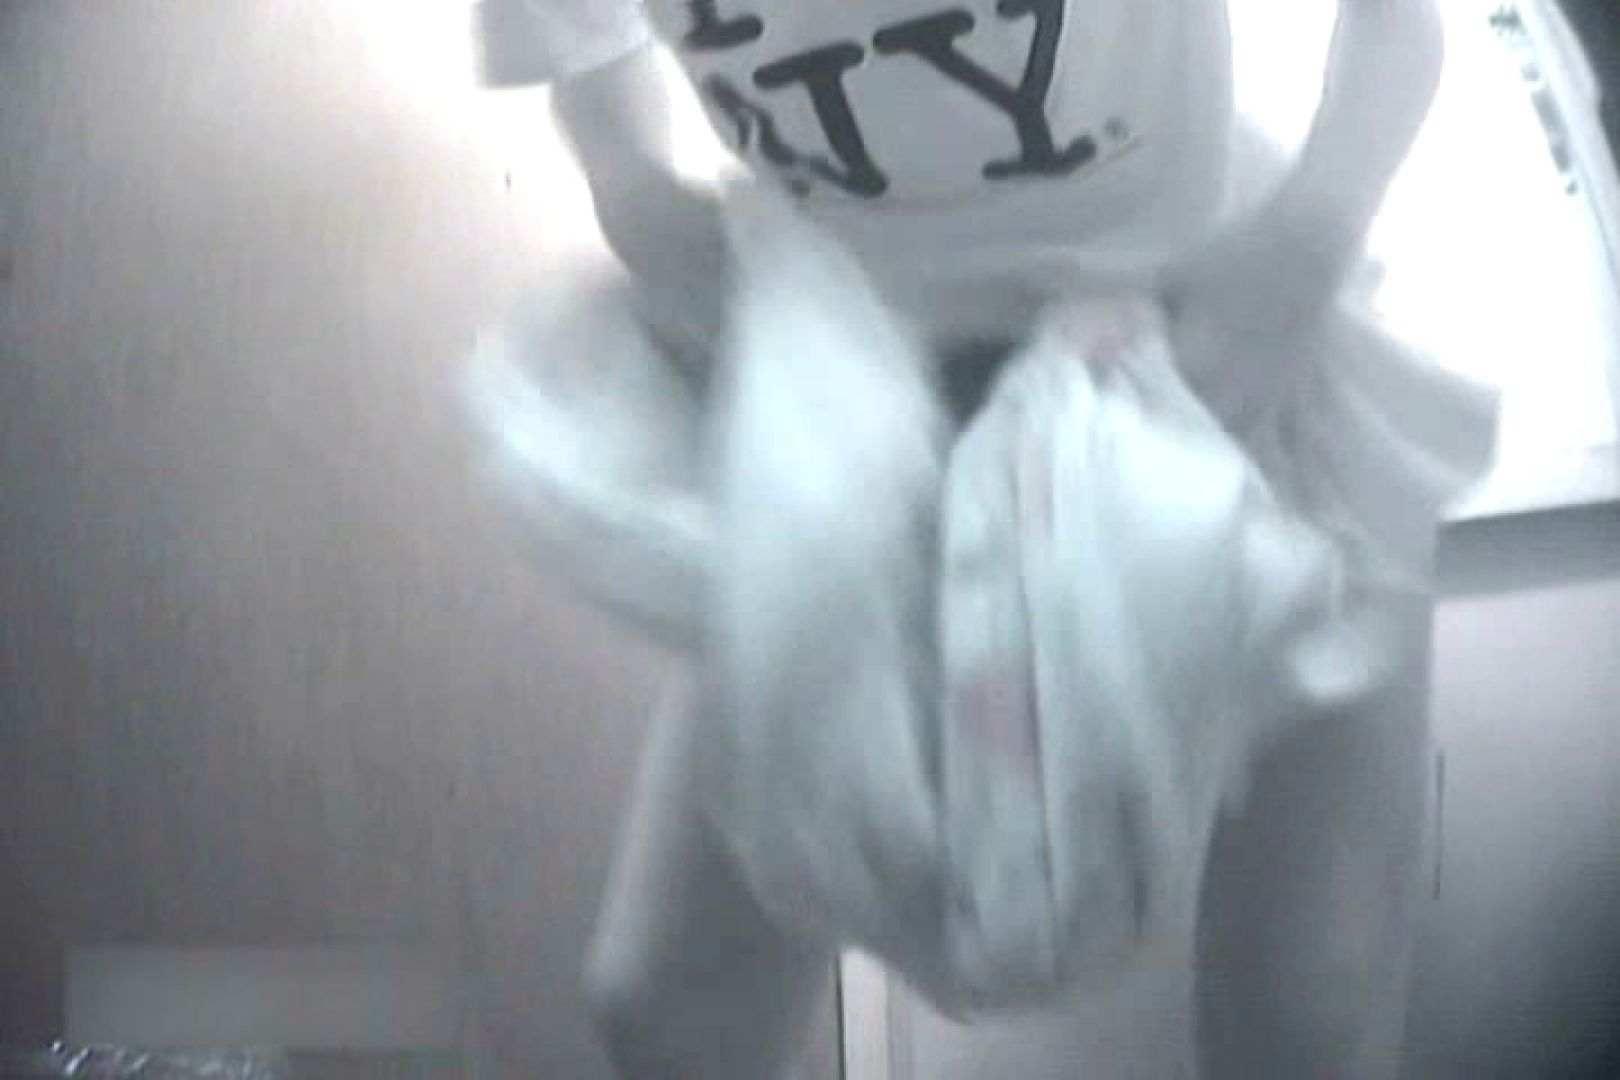 夏海シャワー室!ベトベトお肌をサラサラに!VOL.06 シャワー 盗撮AV動画キャプチャ 75pic 50